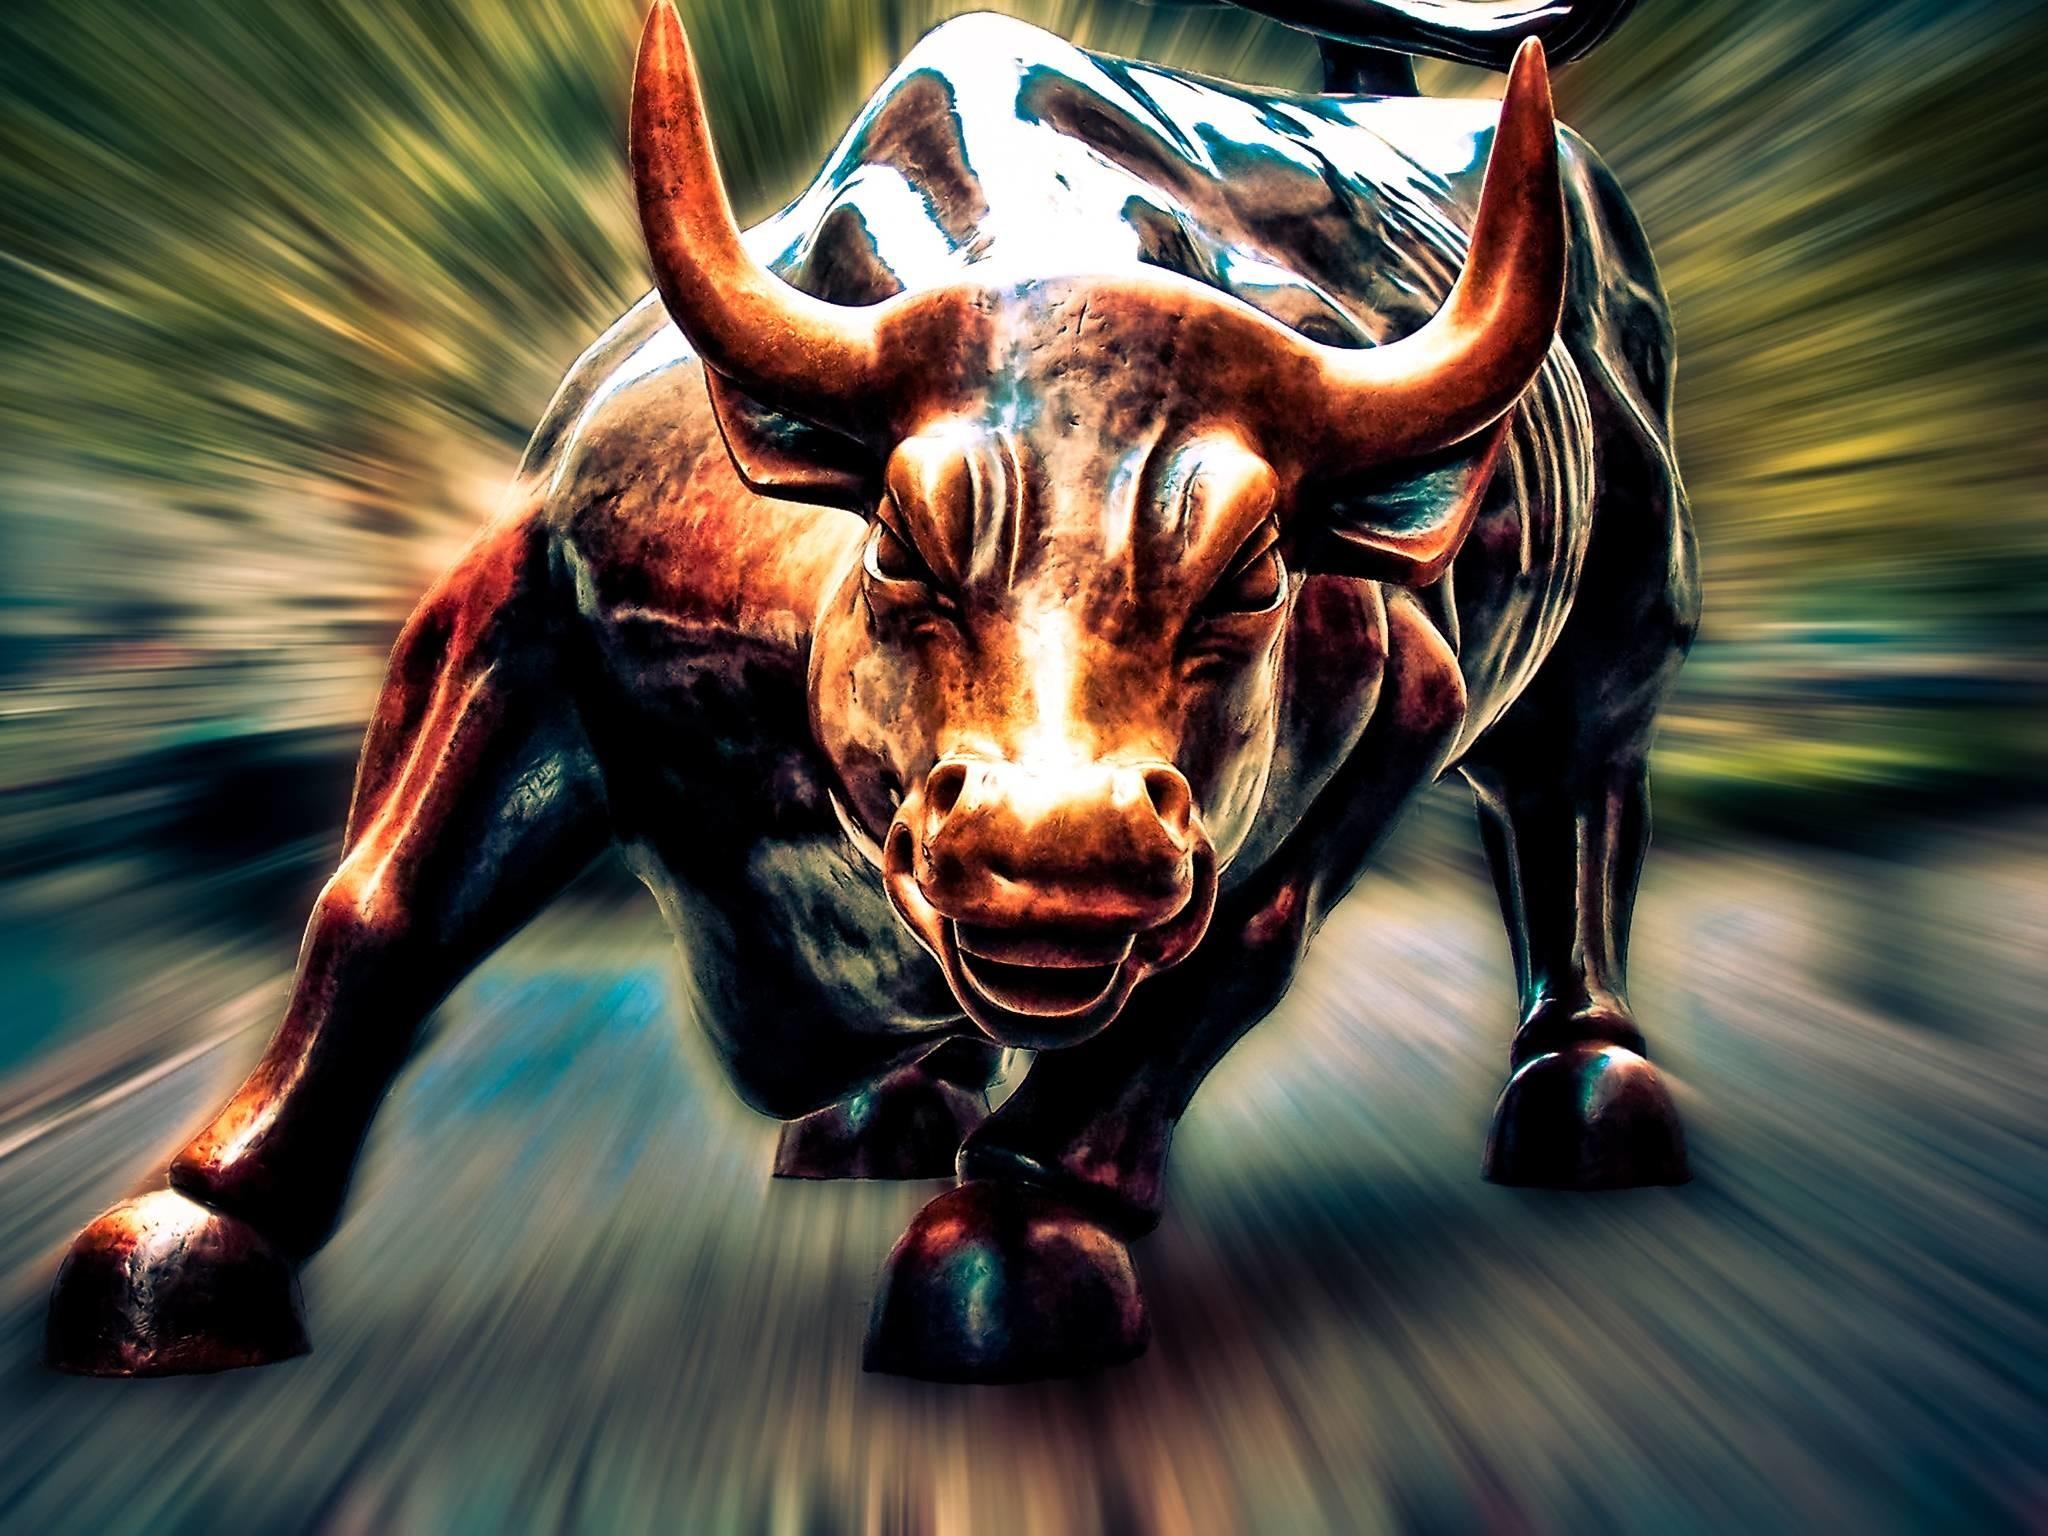 Wall Street Bull Wallpaper